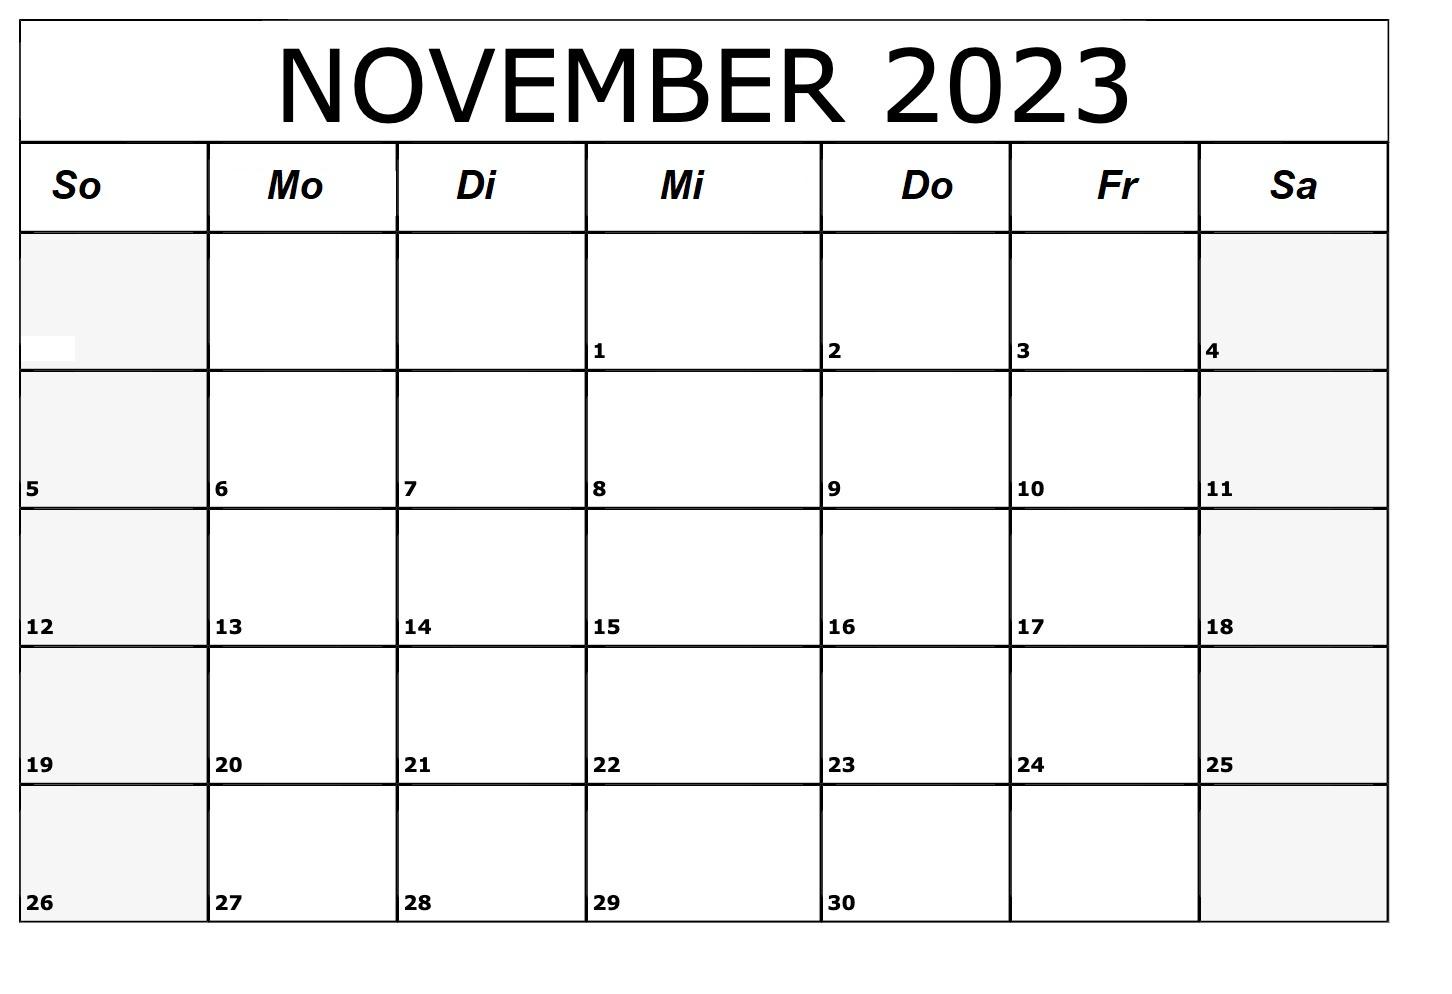 November 2023 Kalender Vorlage